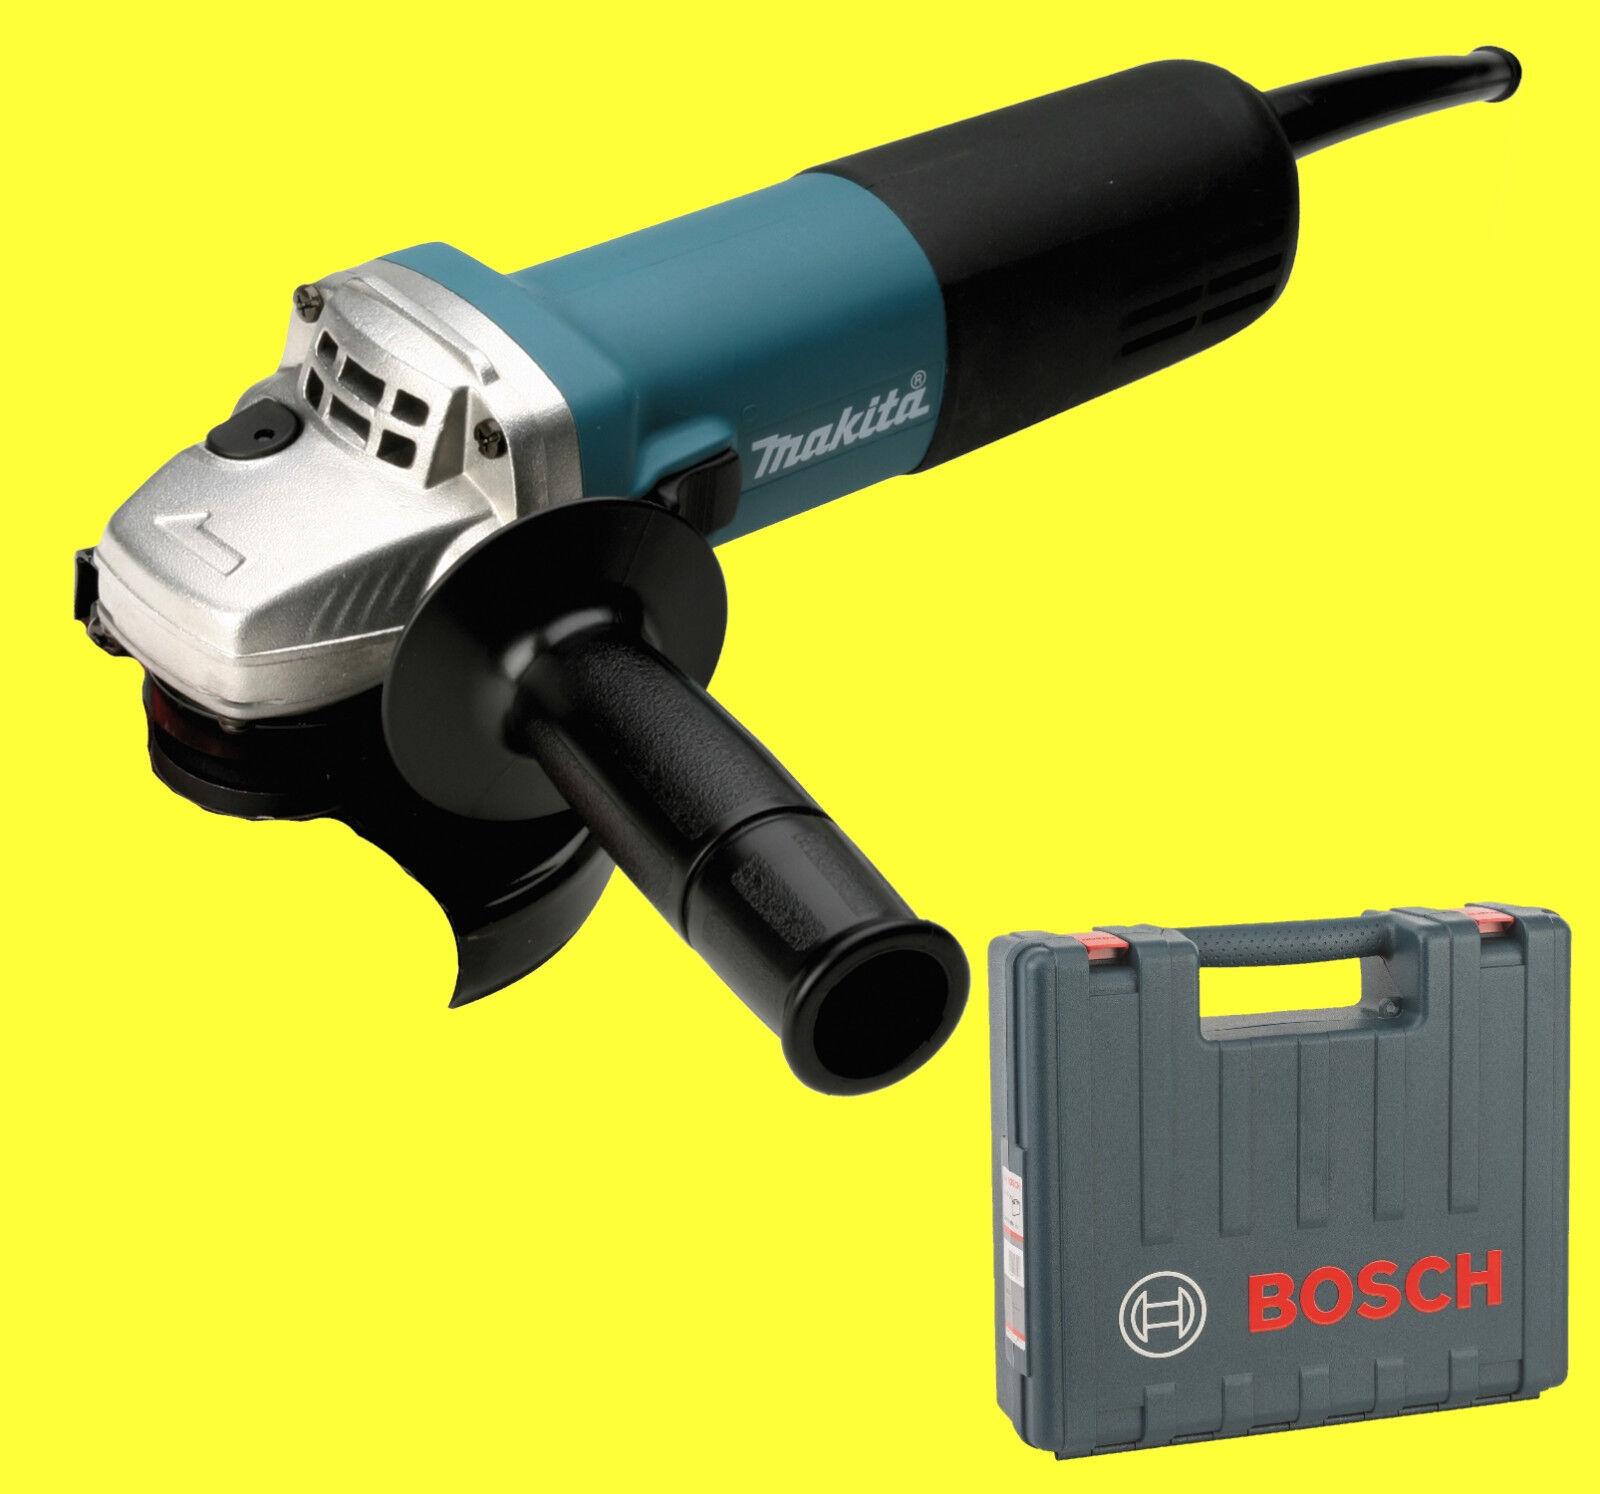 MAKITA Winkelschleifer 9558NBRZ in Bosch Koffer 125 mm - 9558 NBRZ NBR